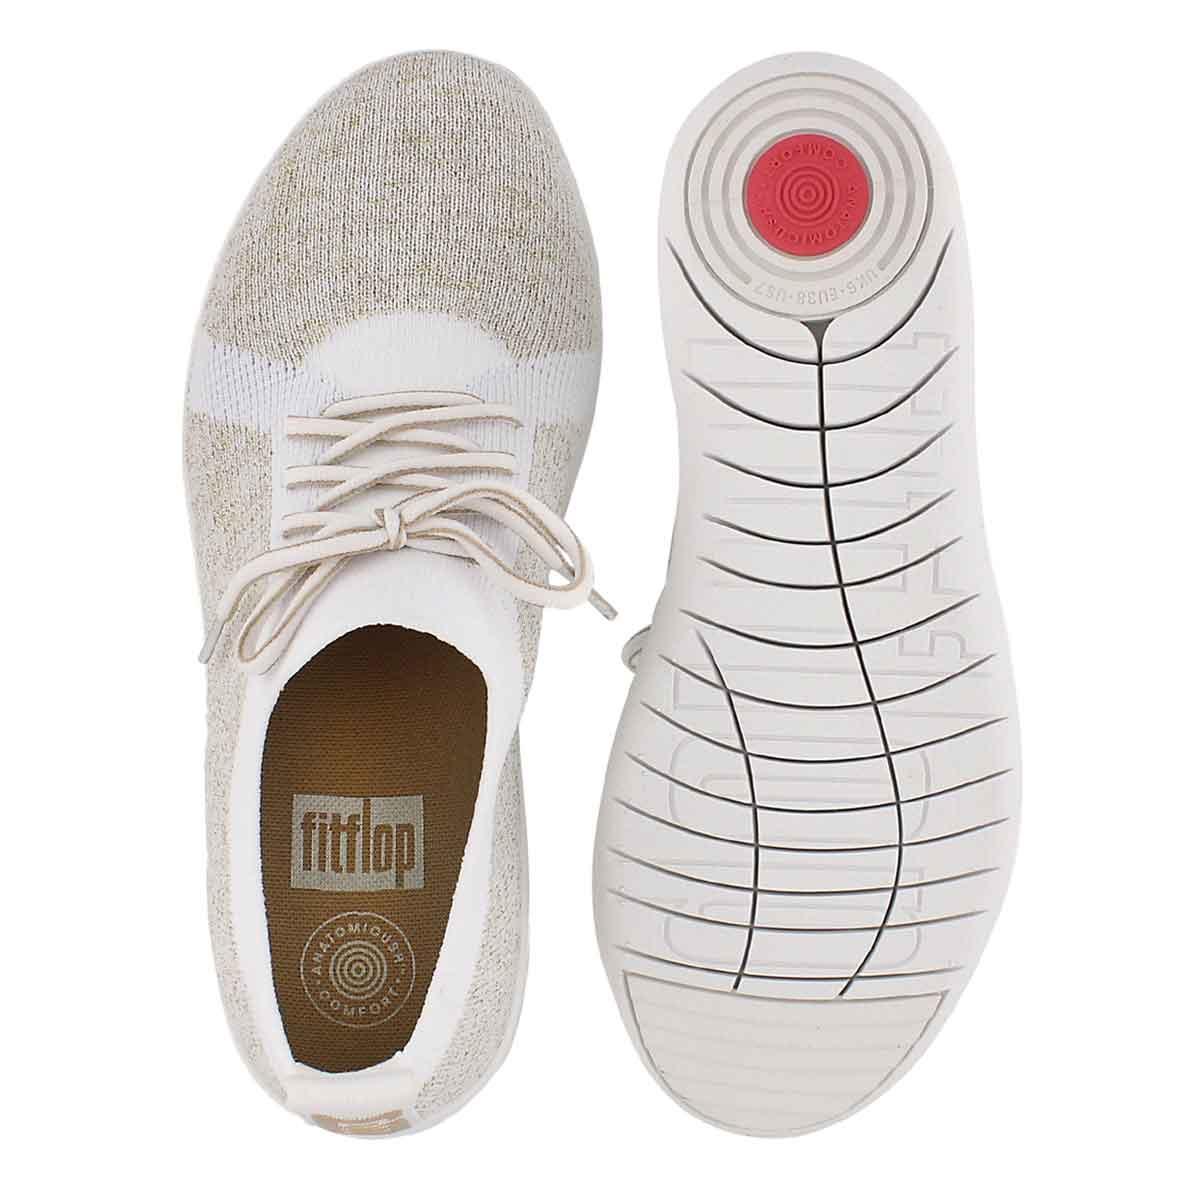 Lds Uberknit Sporty mtl gld/wht sneaker